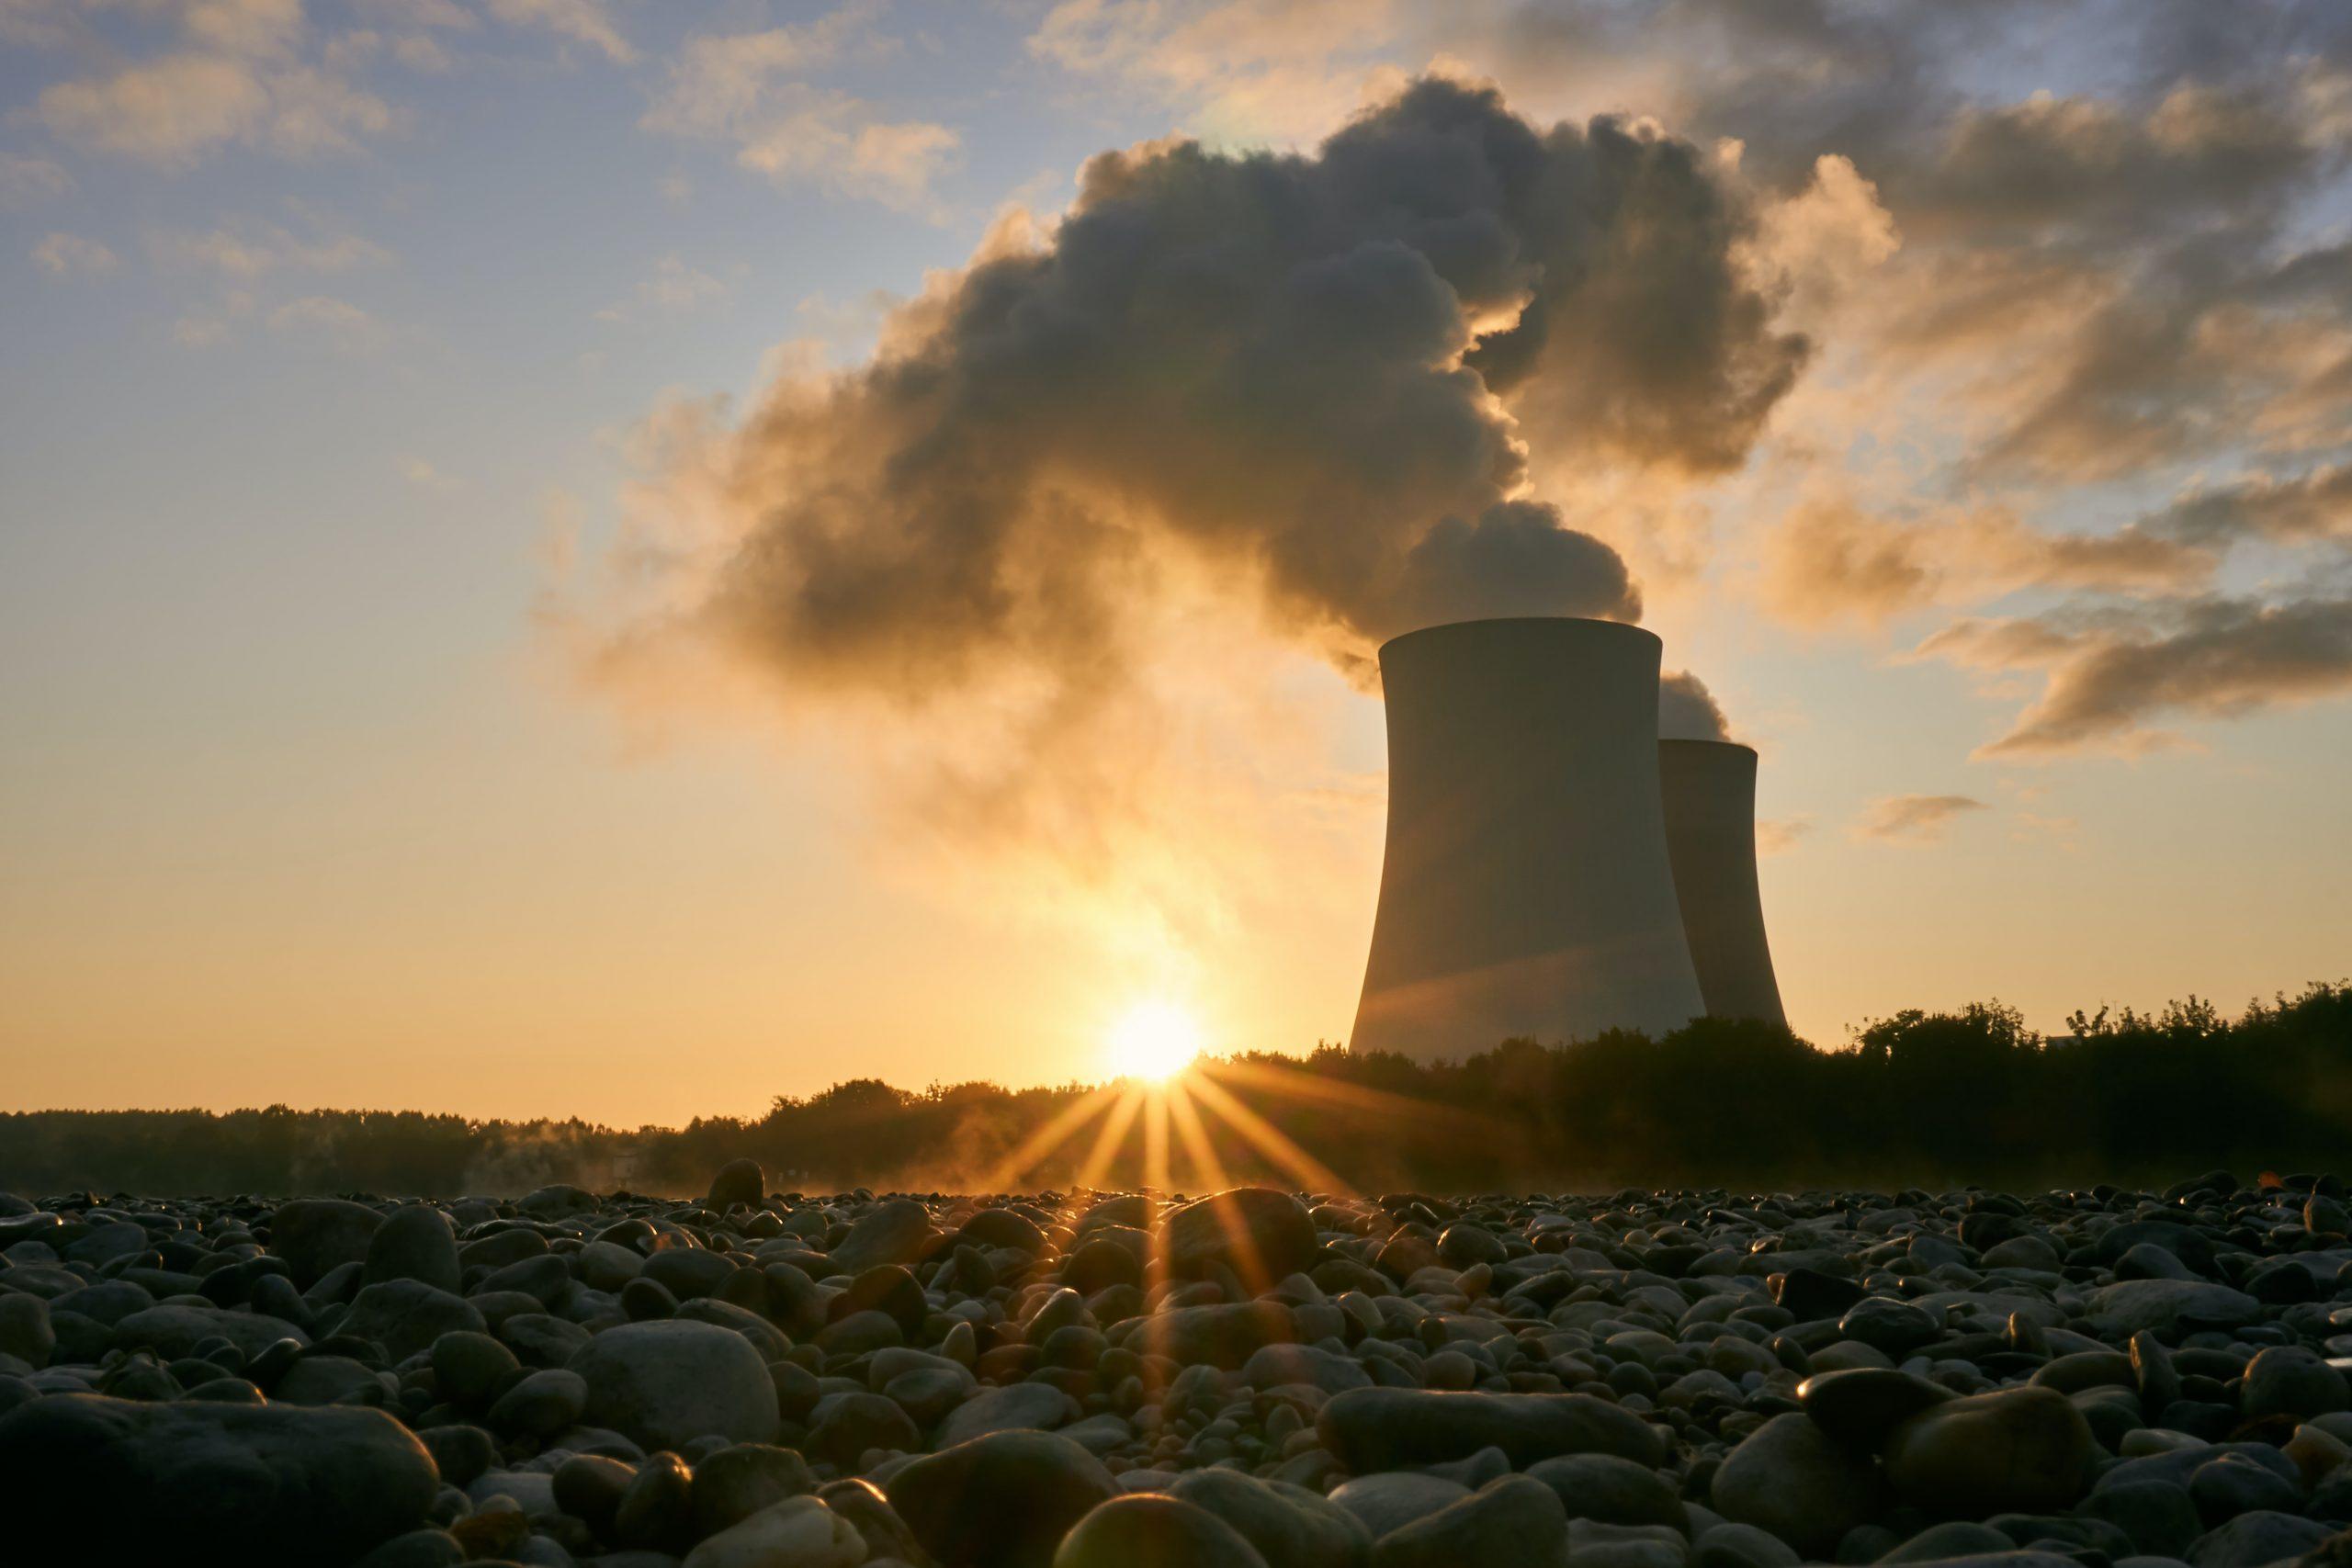 karnkraftverk-2020